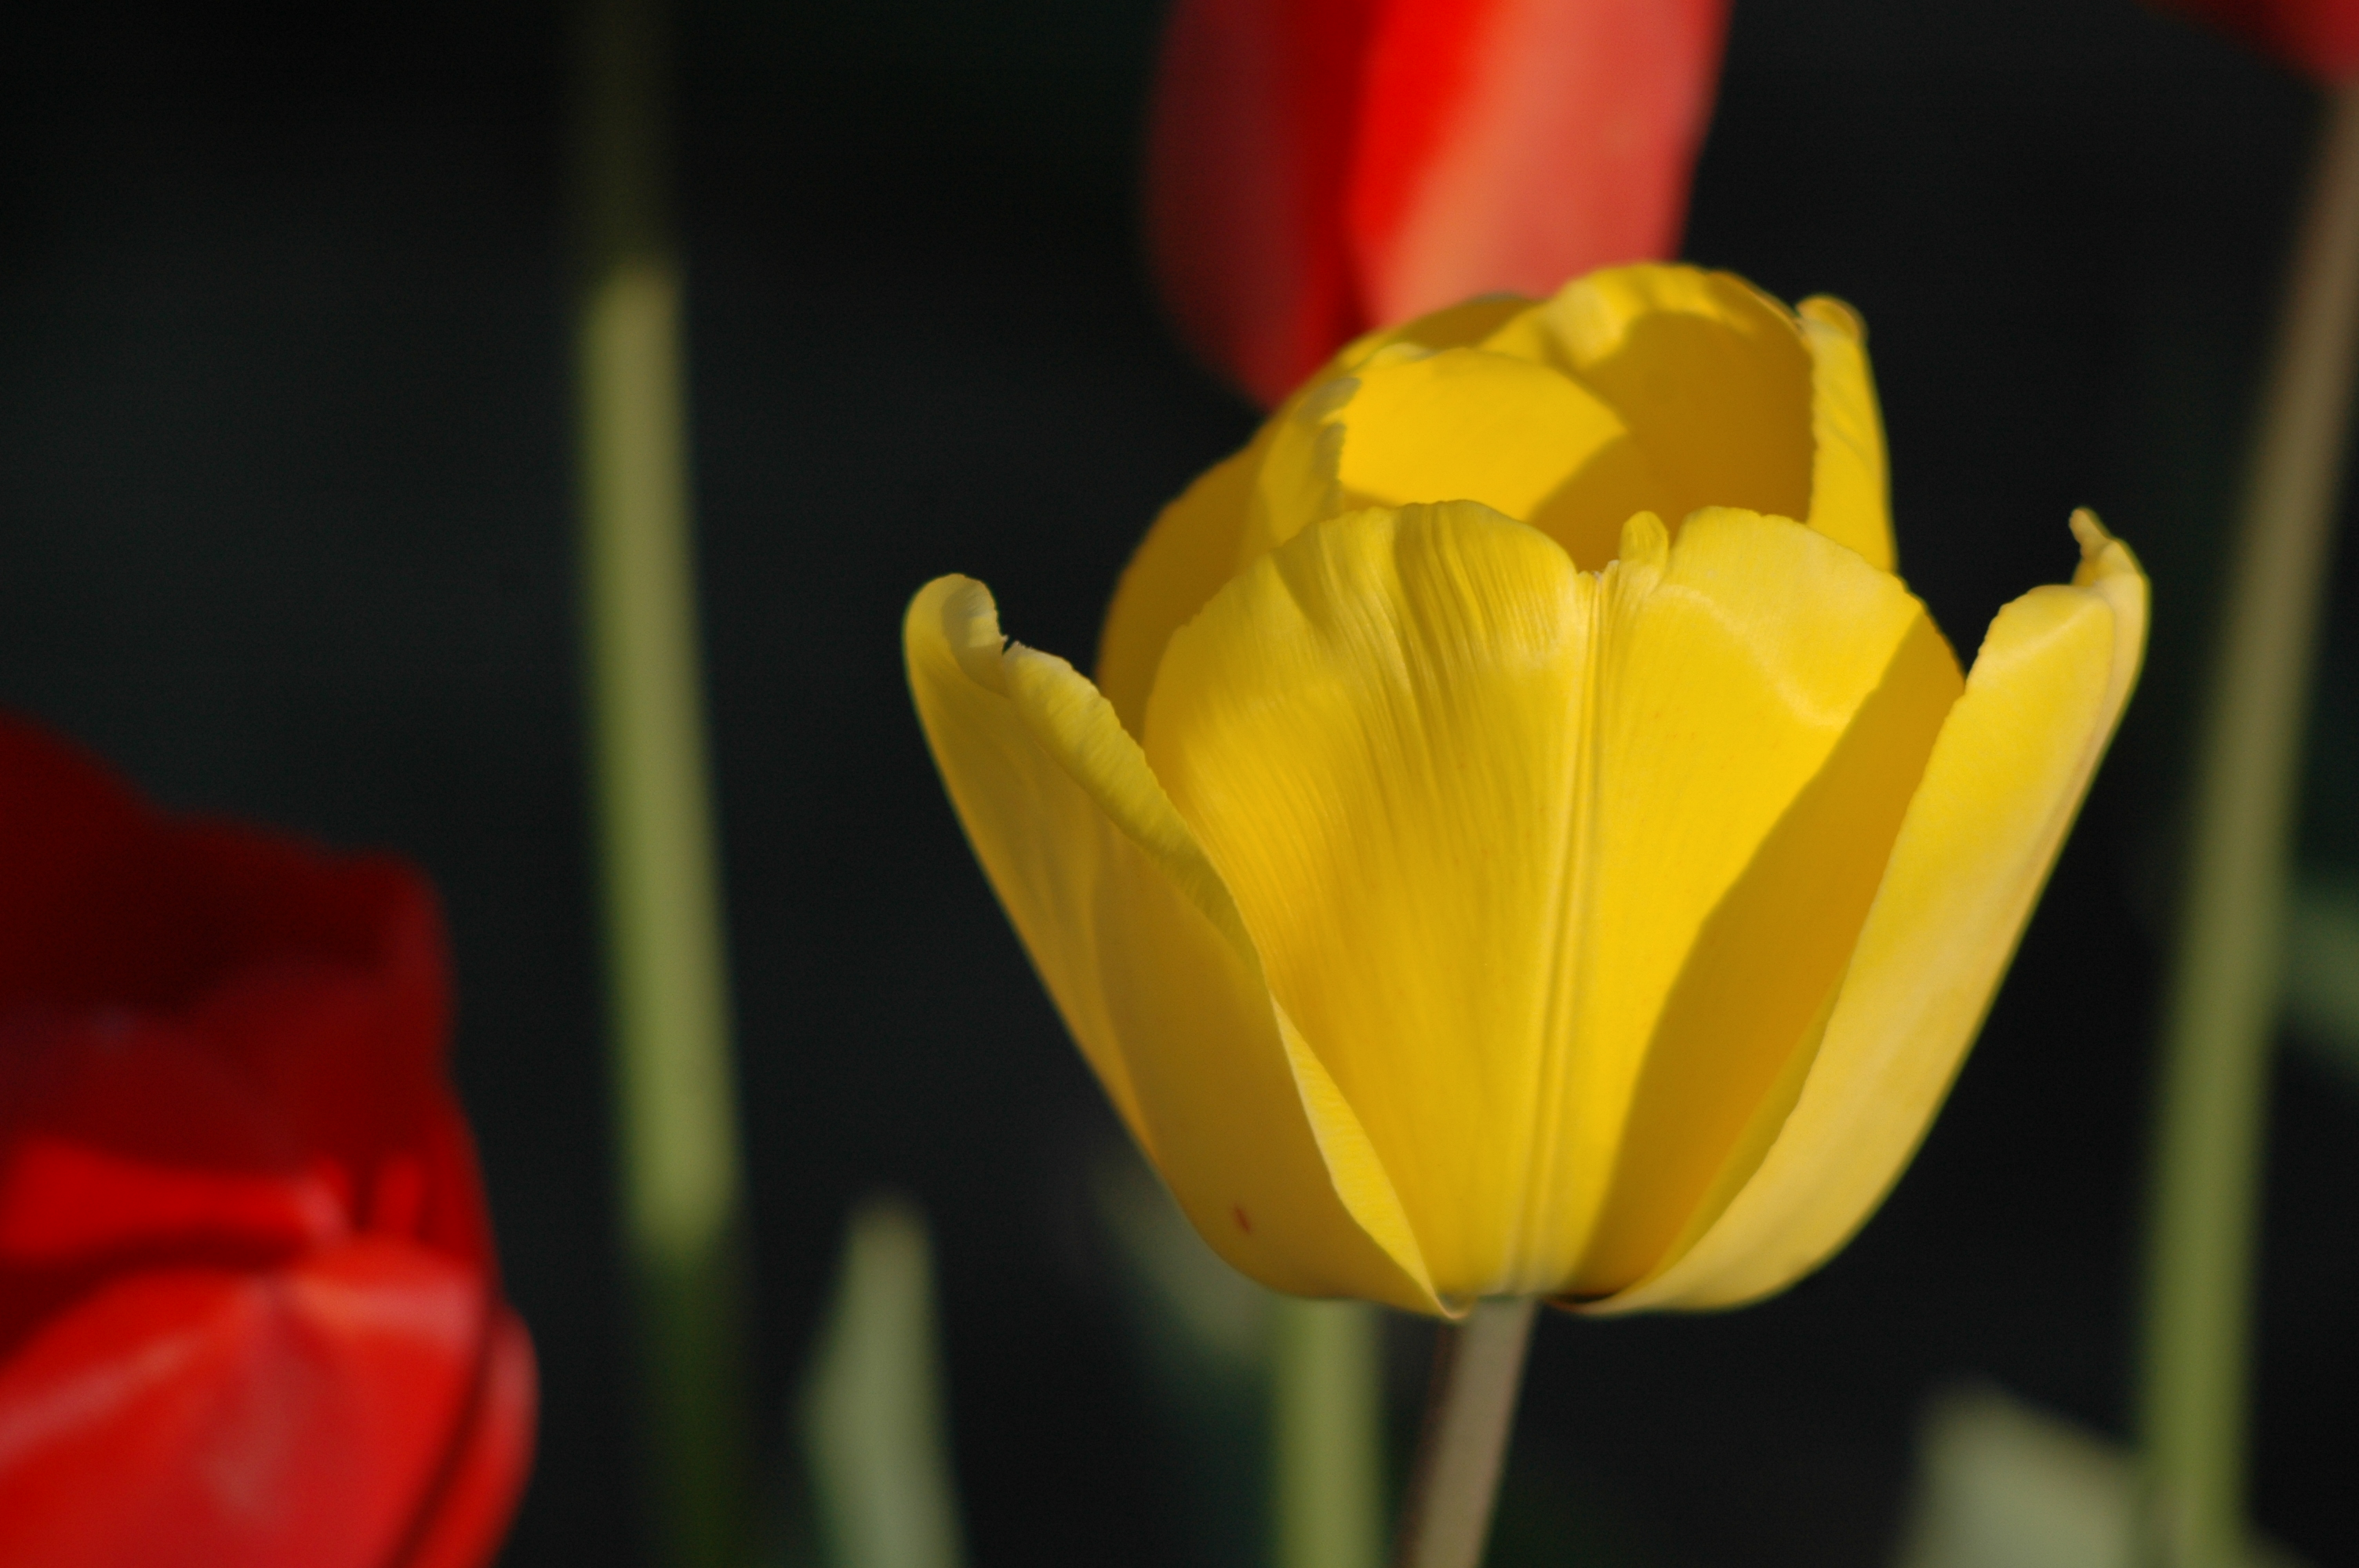 gula blommor betydelse